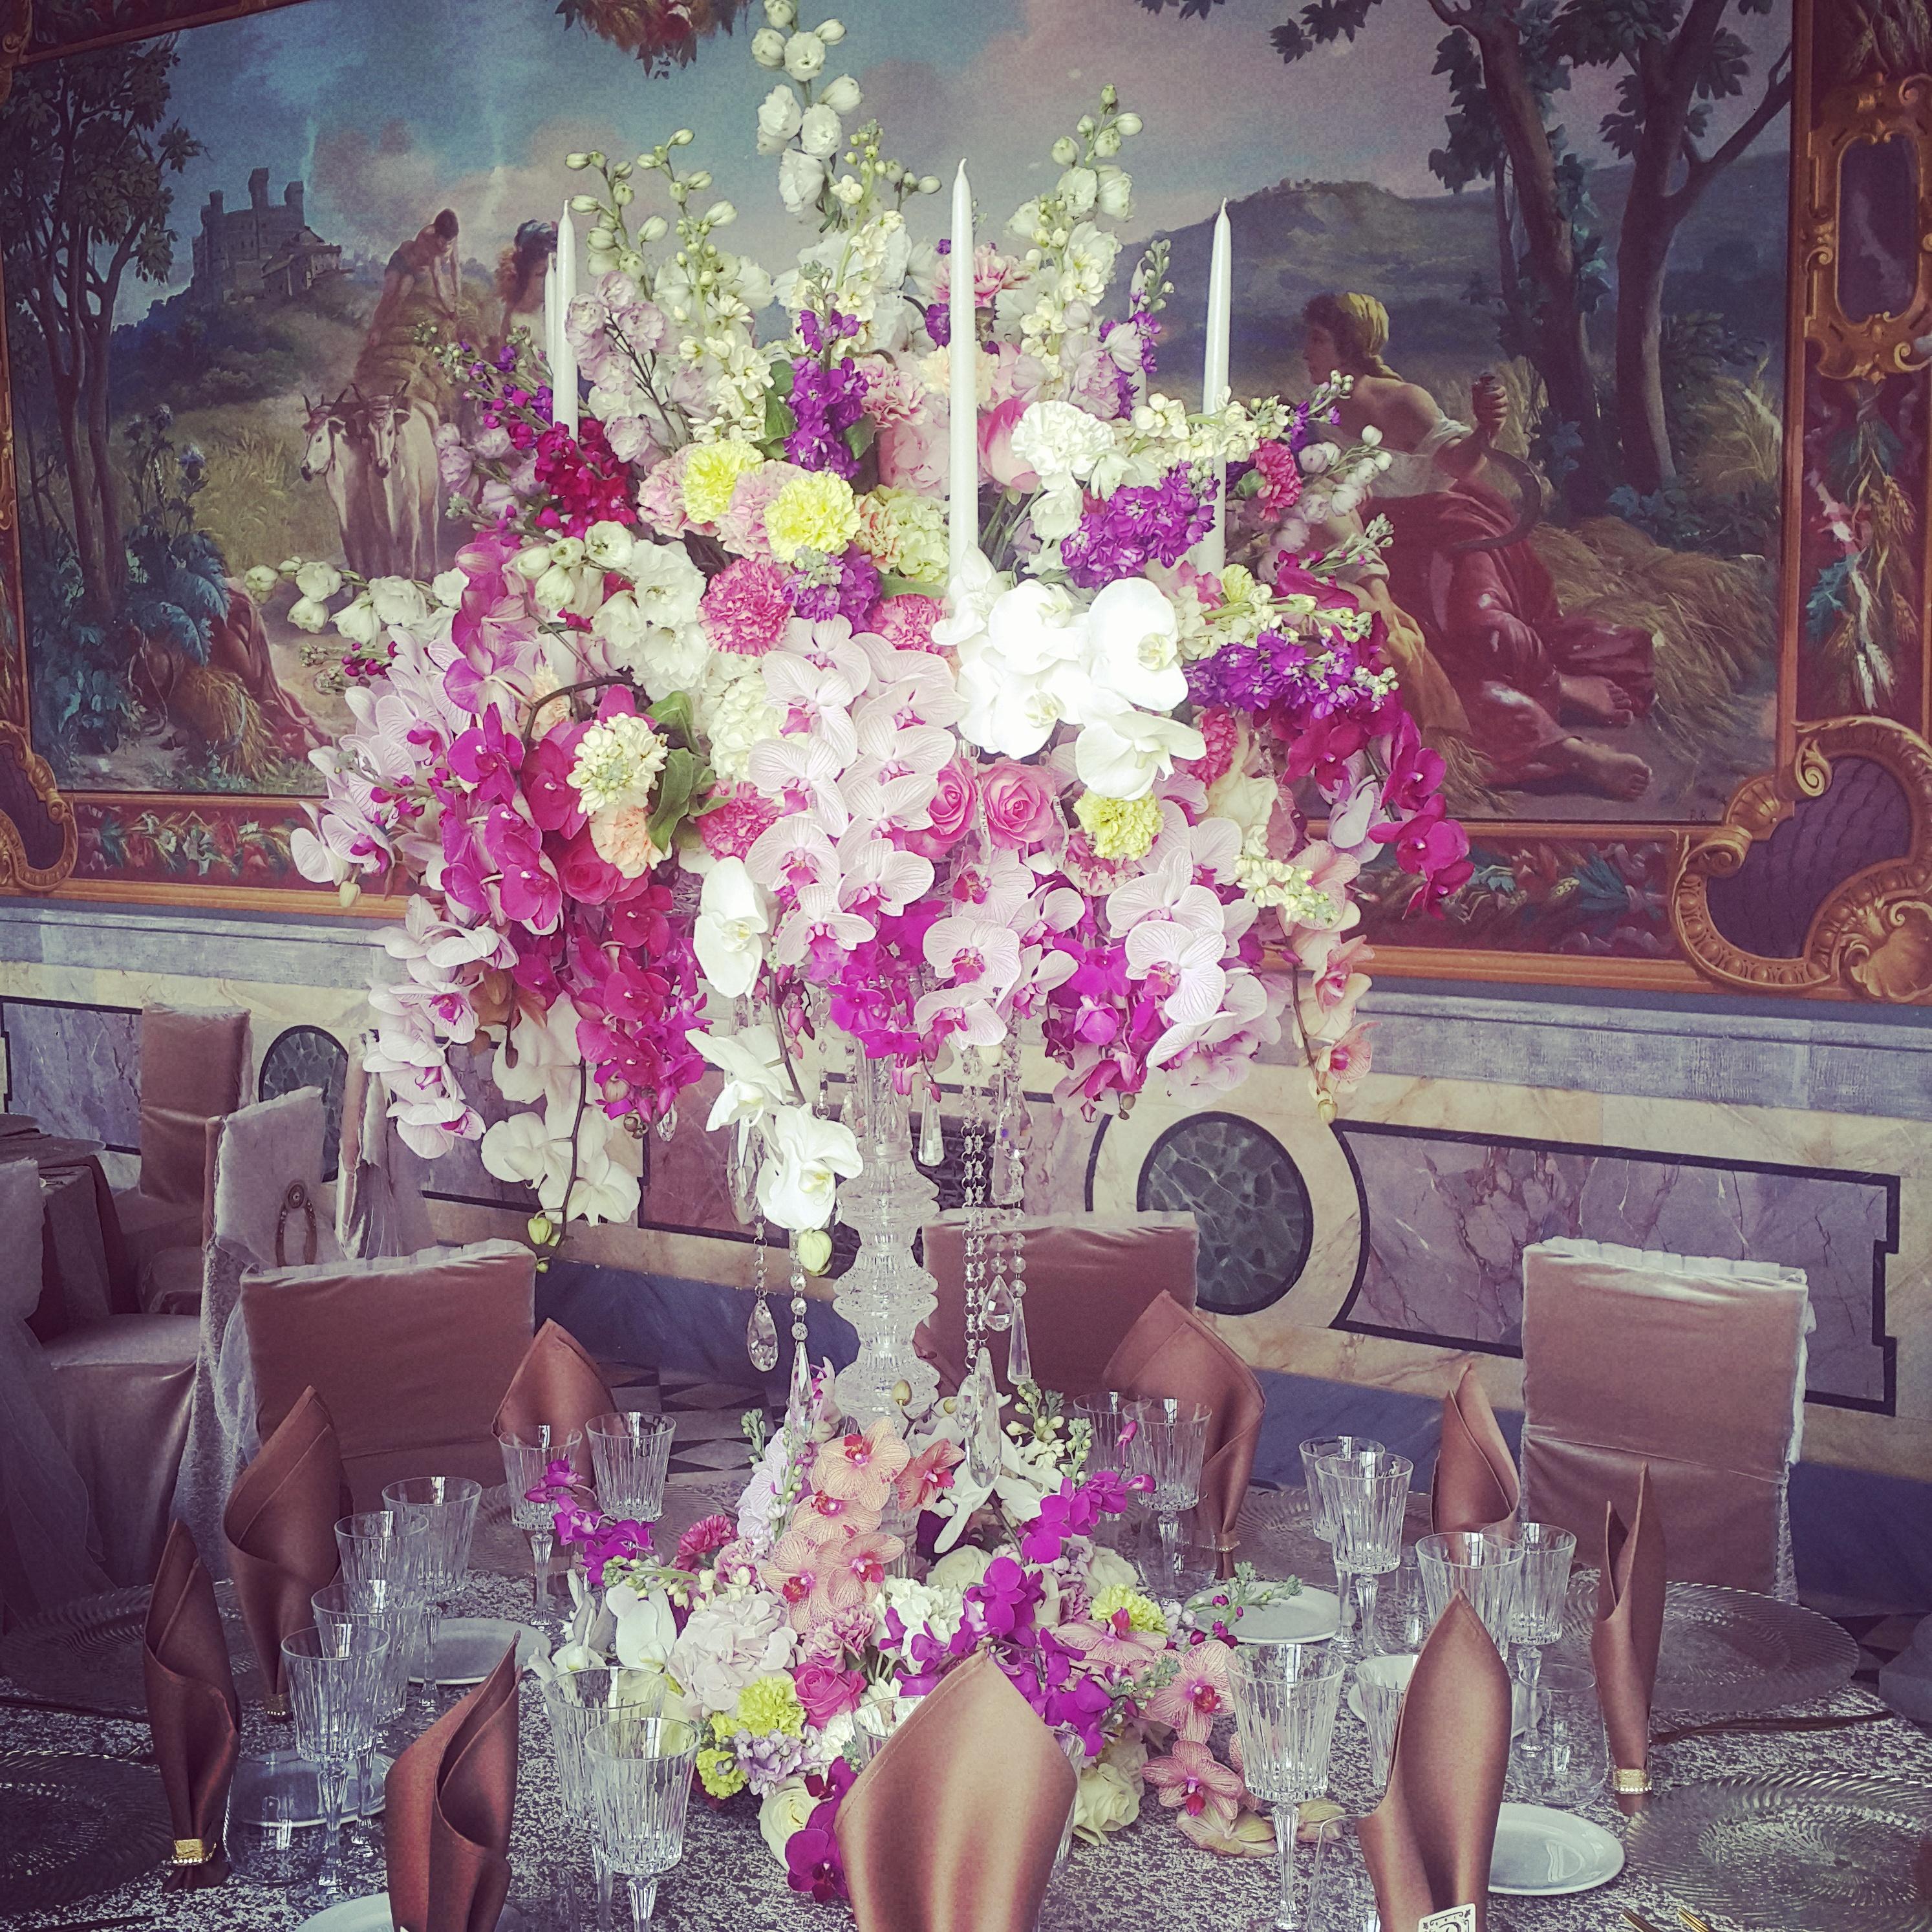 Stalo dekoras orchidėjomis